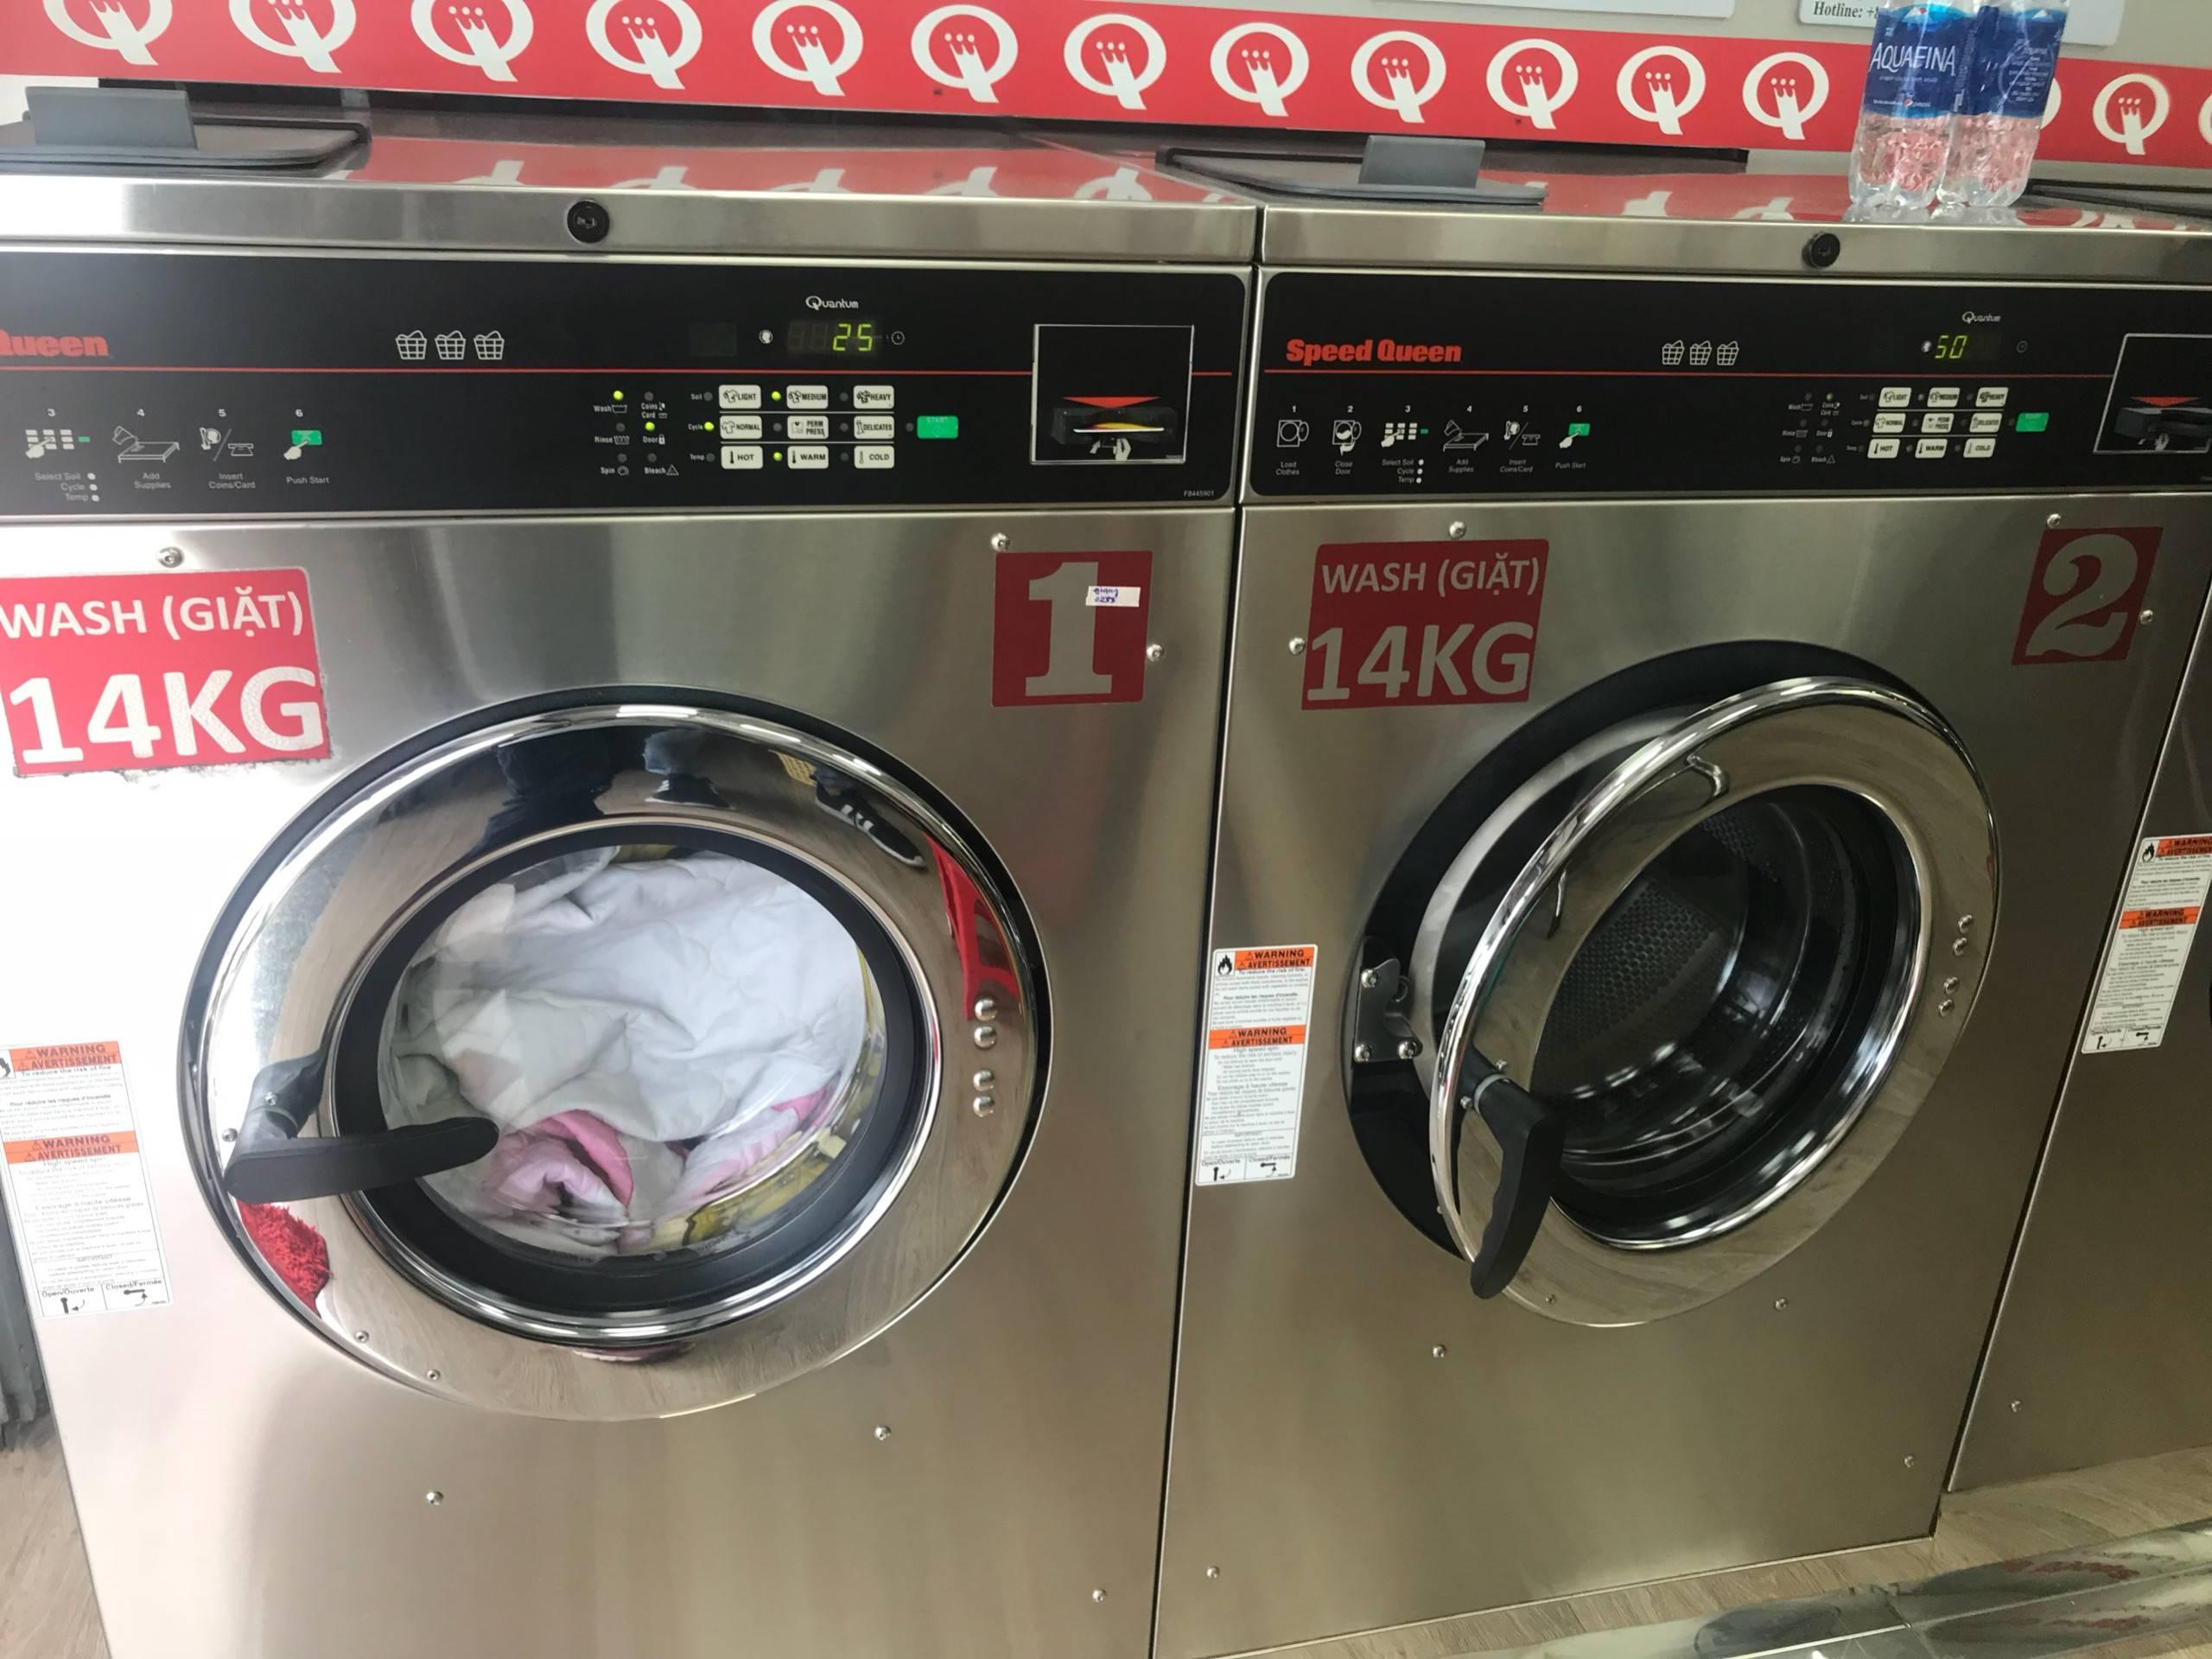 z1073928289784 b8d40966ff5a1f90bbef06a16407136f - Đại lý bán máy giặt công nghiệp giá tốt